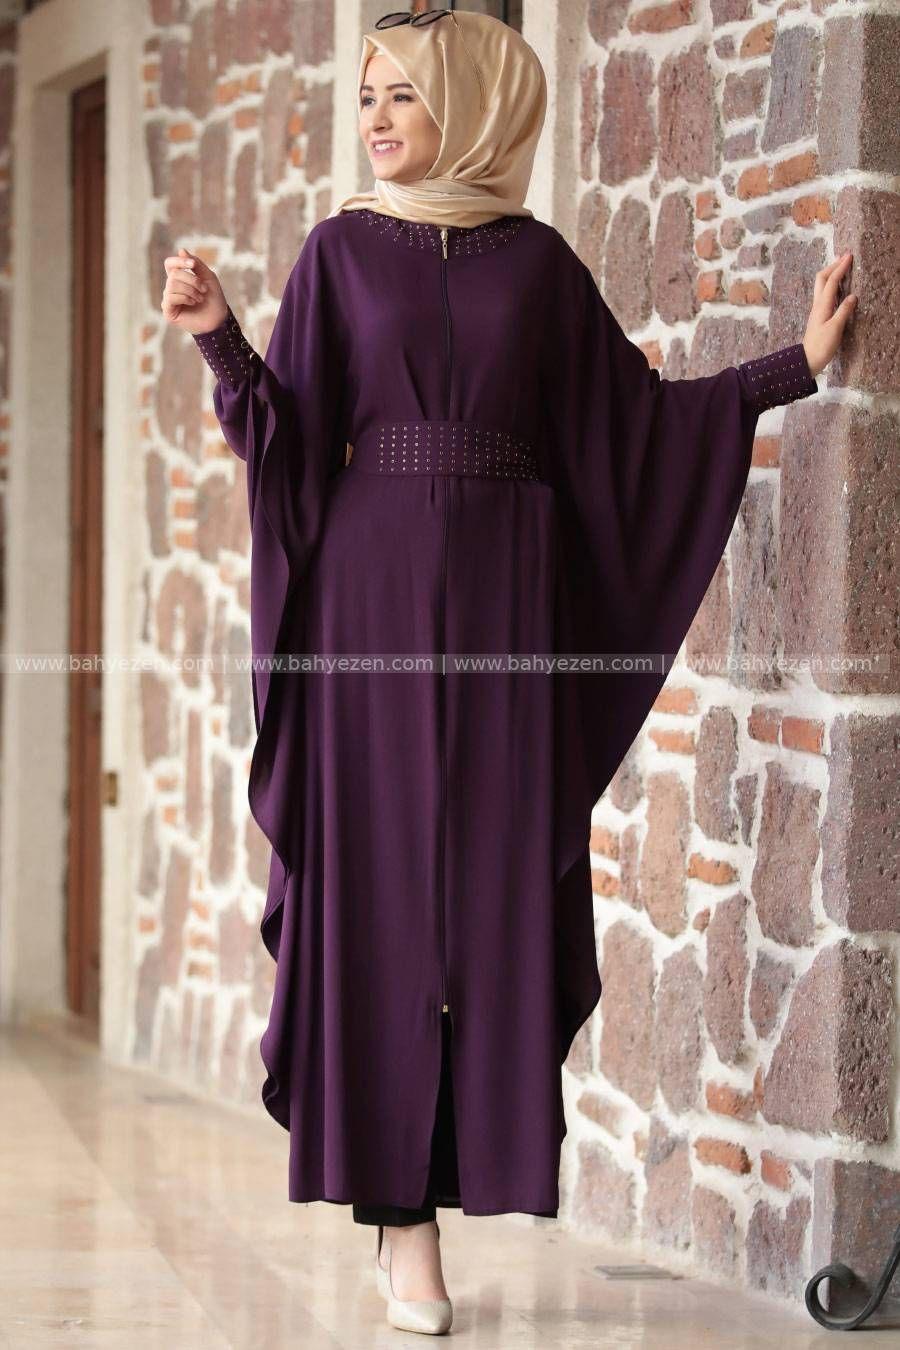 Tesettur Tesettur Giyim Abiye Elbise Ferace Bahyezen Giyim Islami Giyim Elbise